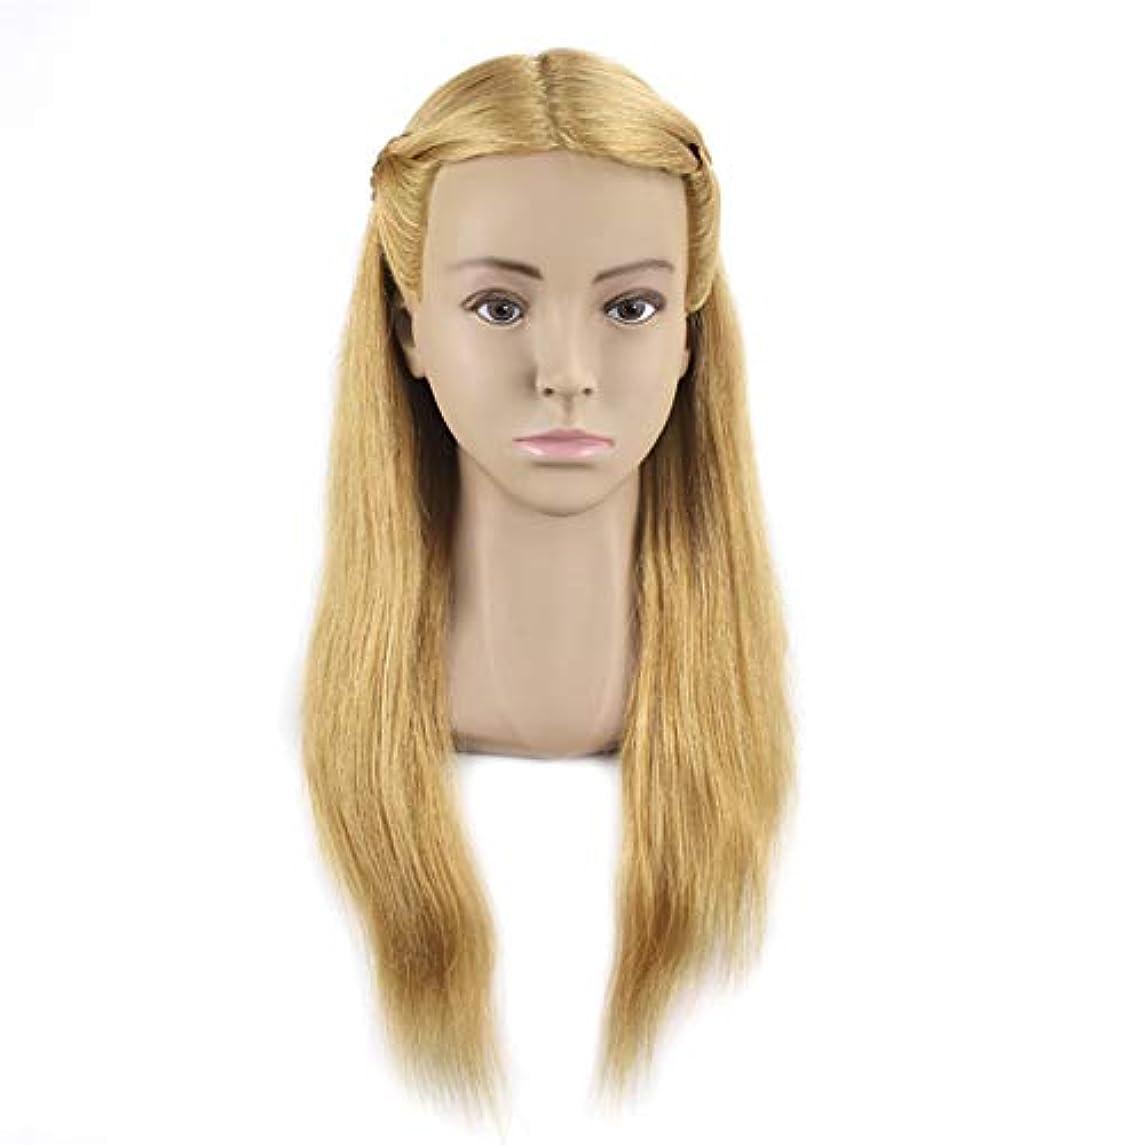 車両誠実麺完全な人毛ヘアスタイリングモデルヘッド女性モデルヘッドティーチングヘッド理髪店編組髪染め学習ダミーヘッド